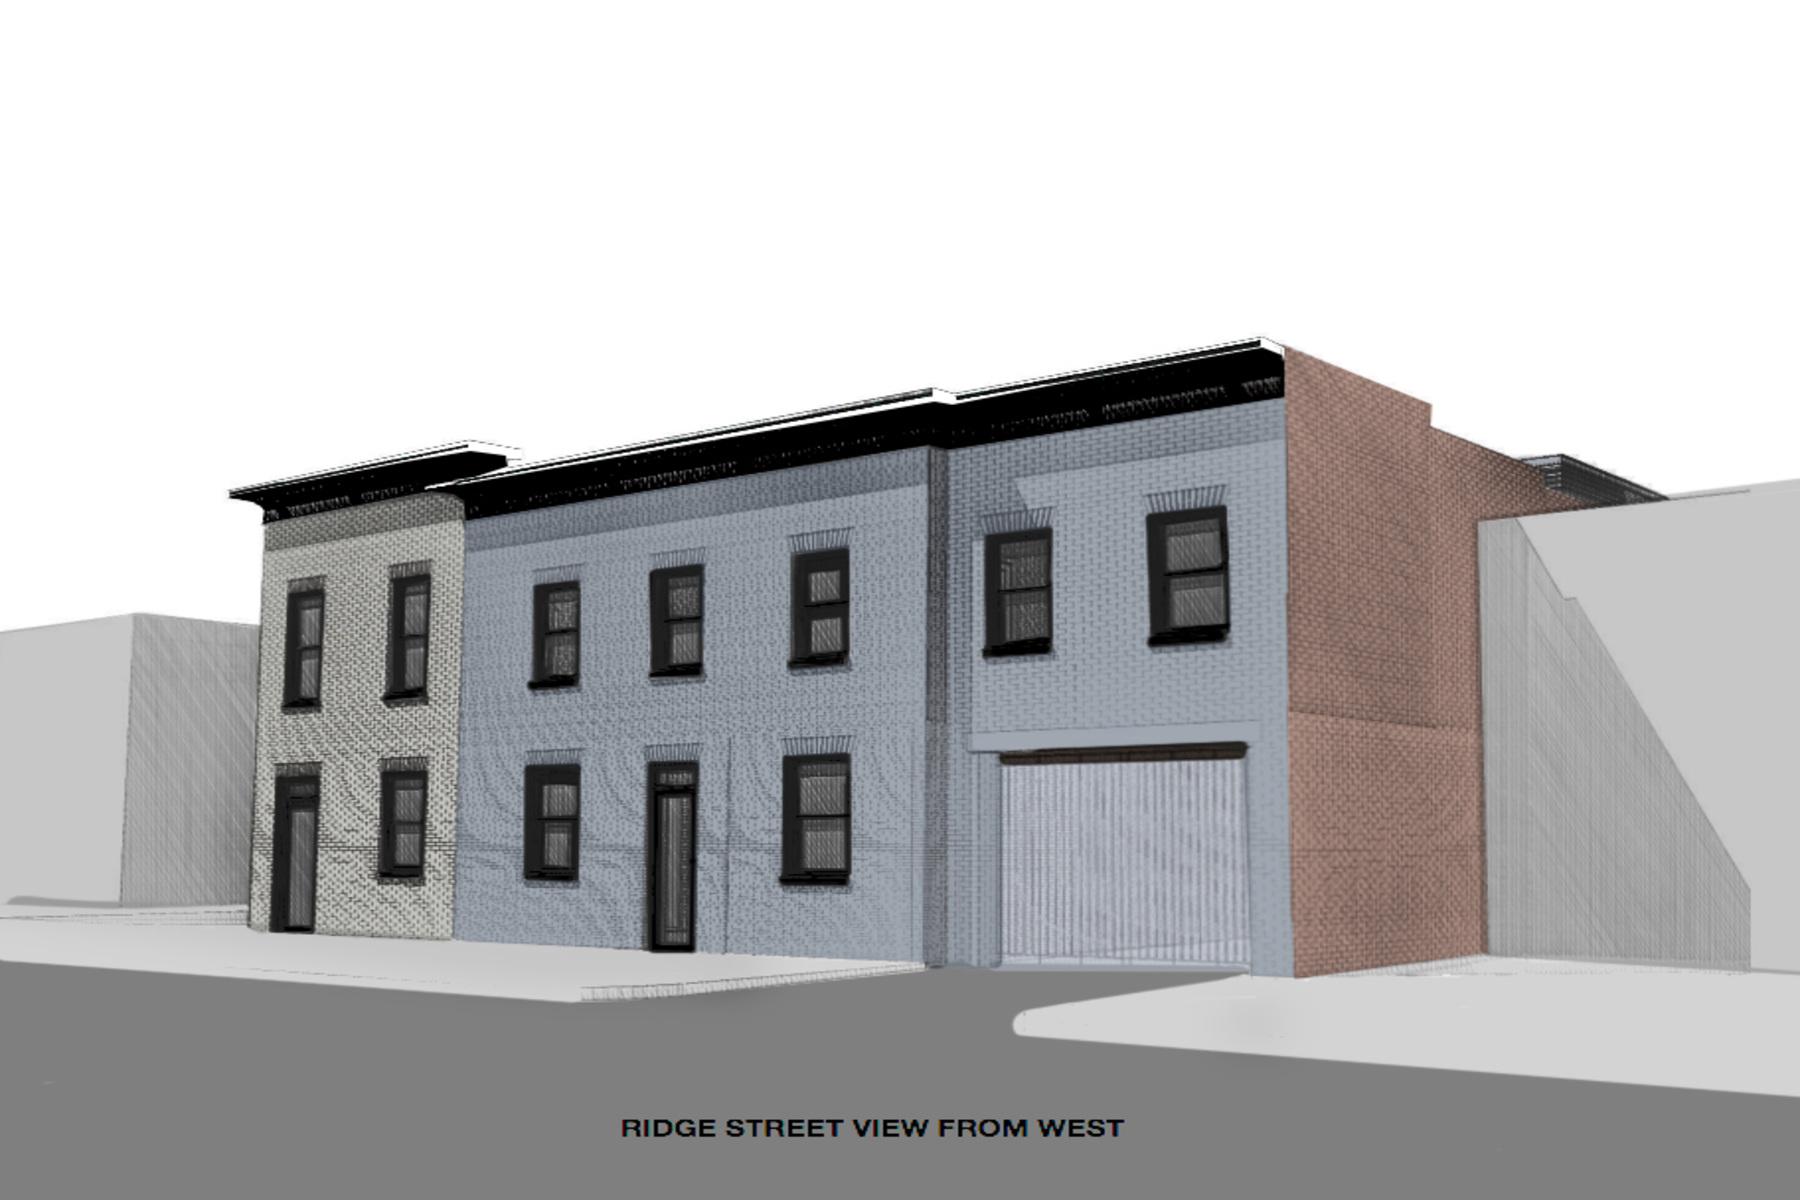 Кооперативная квартира для того Продажа на 462 Ridge Street Nw 6, Washington Mount Vernon Square, Washington, Округ Колумбия, 20001 Соединенные Штаты